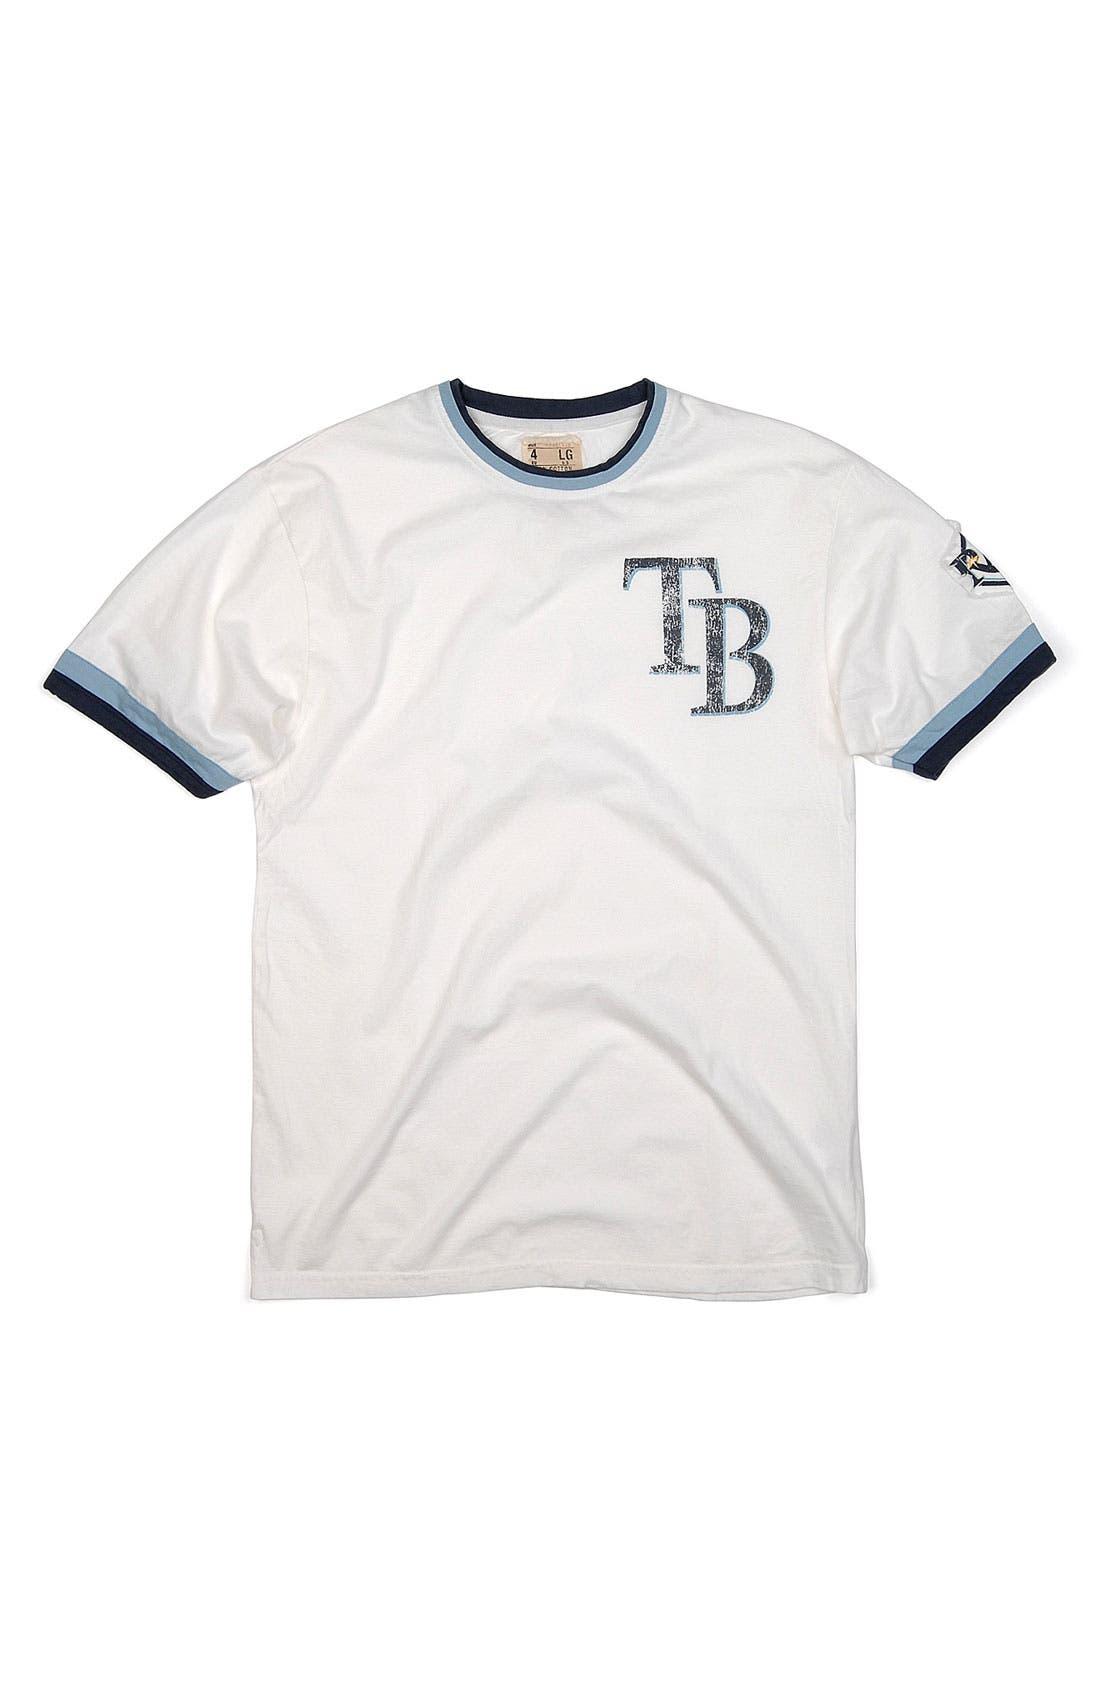 Main Image - Red Jacket 'Tampa Bay Rays' Trim Fit Ringer T-Shirt (Men)